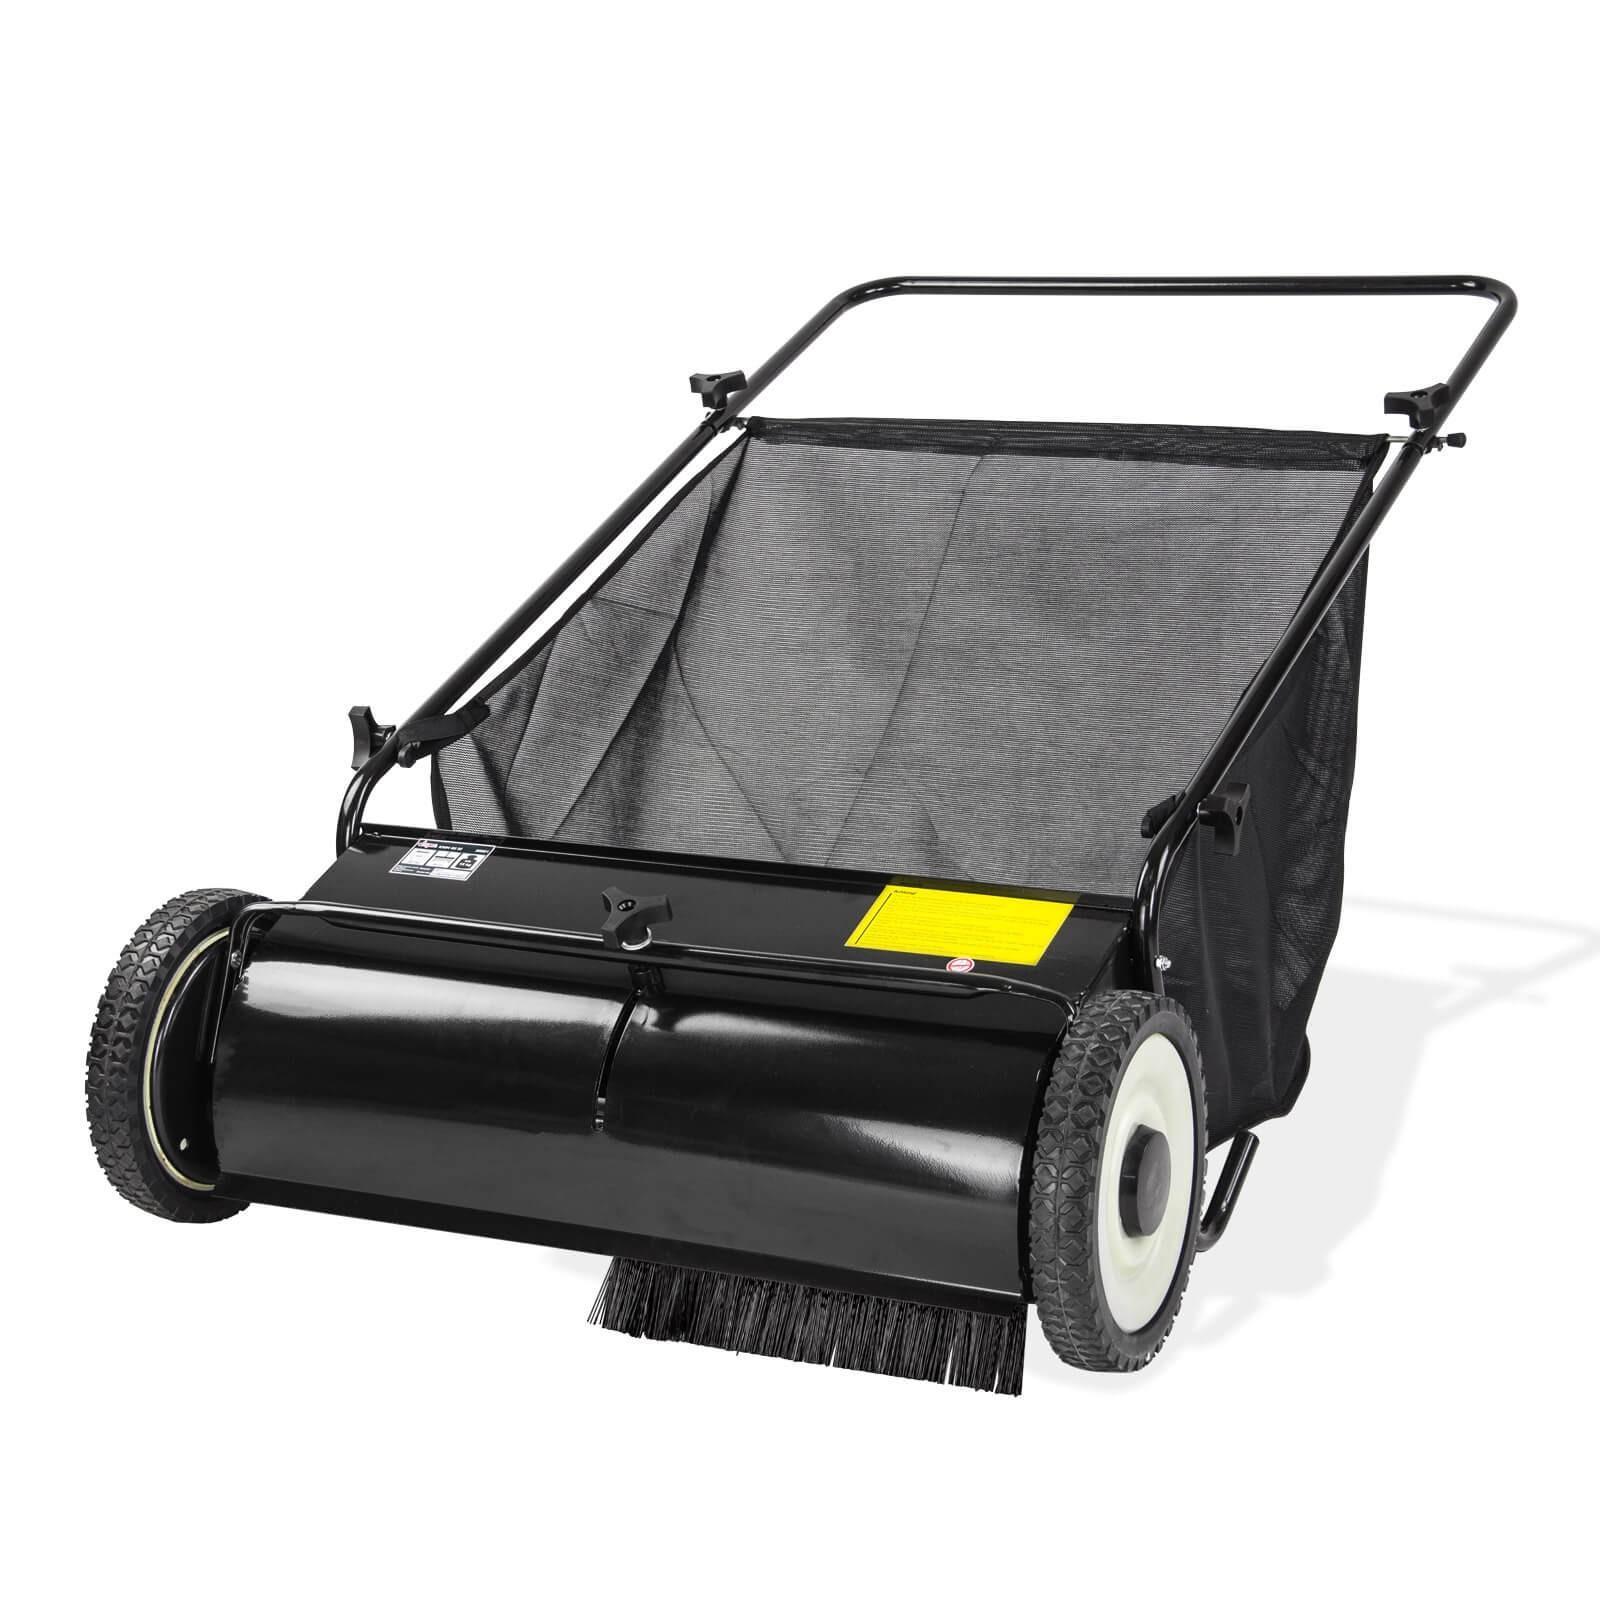 Dema Rasenkehrmaschine / Laubkehrmaschine 65 cm 25001